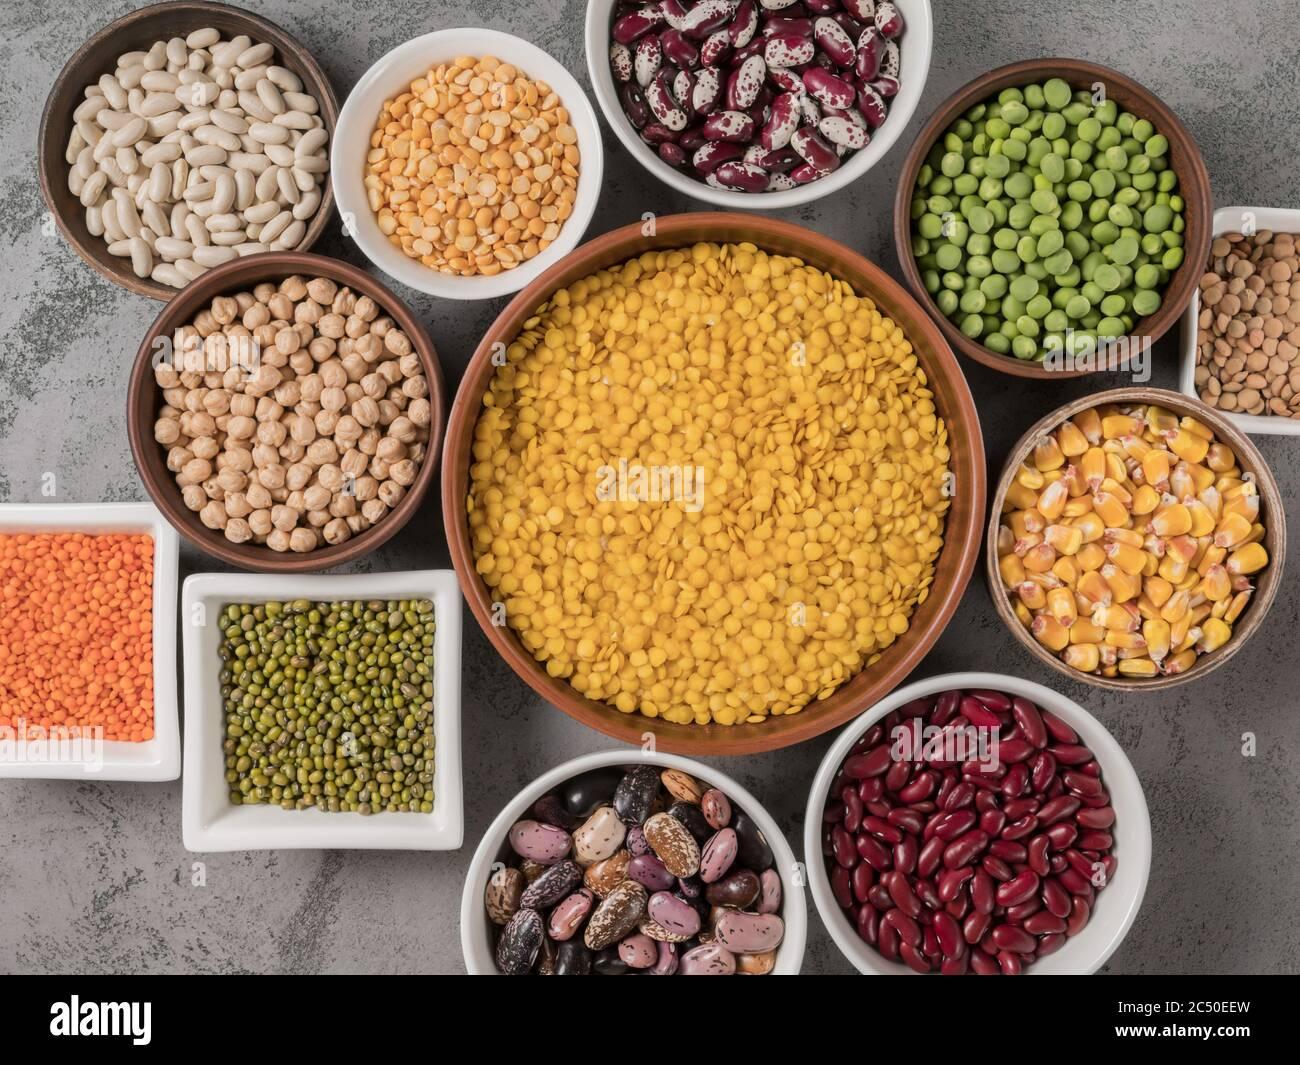 El concepto de alimentación saludable. Diferentes legumbres en primer plano. Foto de stock